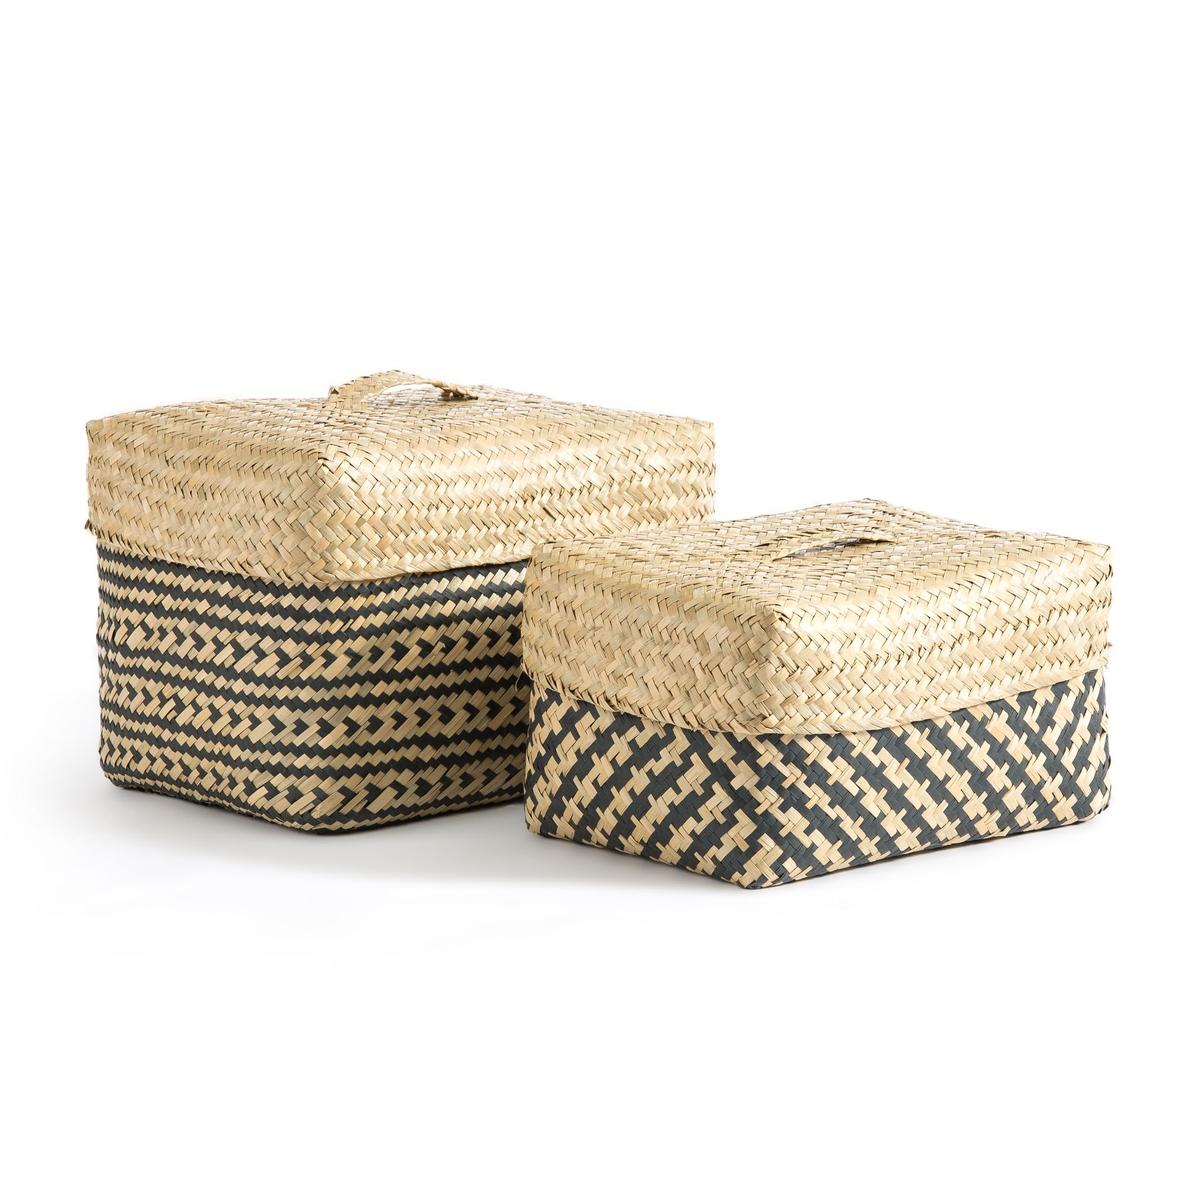 Комплект из 2 корзин, Kotak La Redoute La Redoute единый размер бежевый комплект из 2 вешалок koishi la redoute la redoute единый размер черный